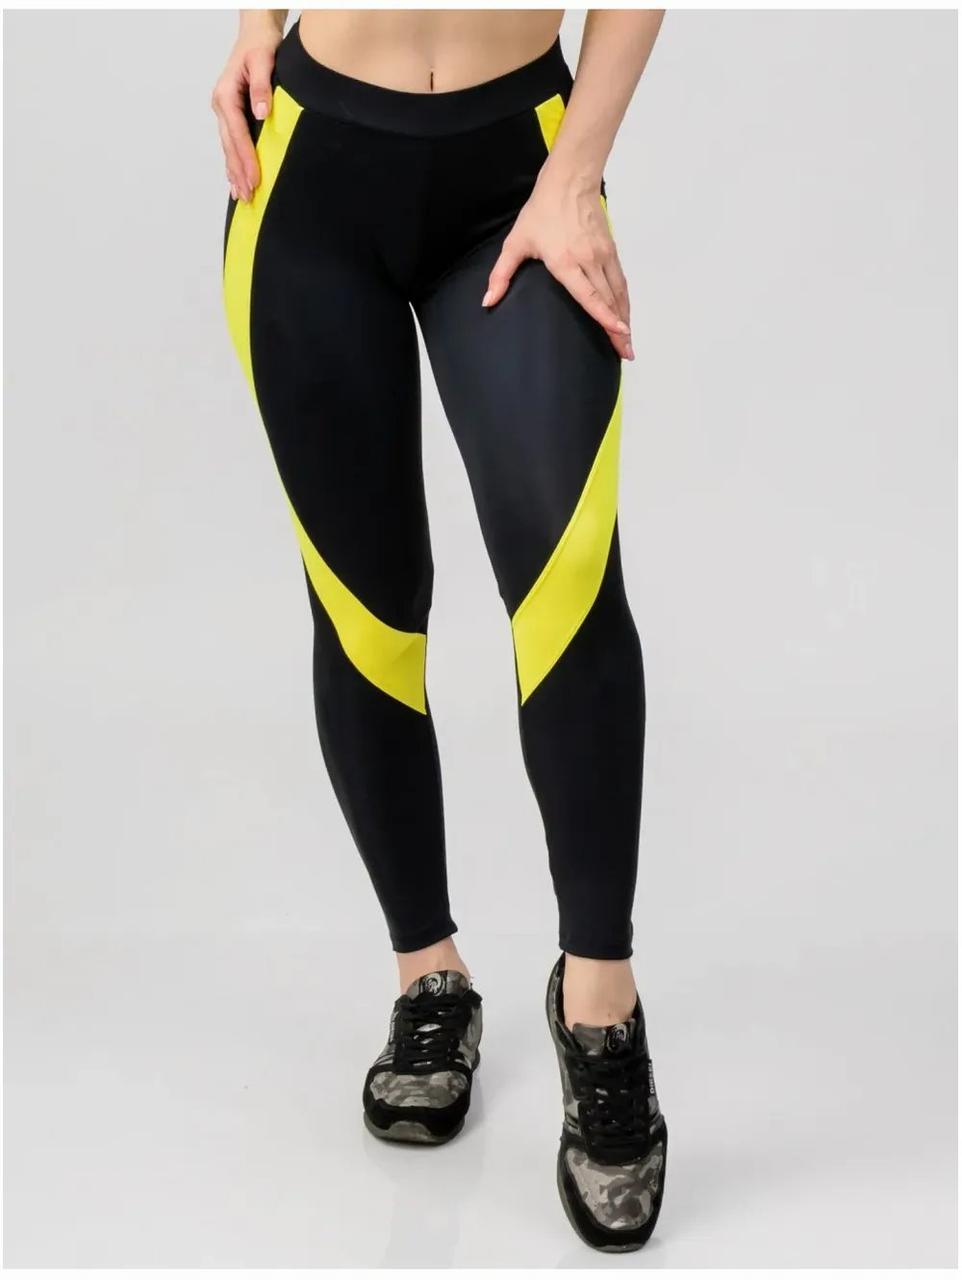 Лосины для фитнеса черные с желтыми полосками  80094-2